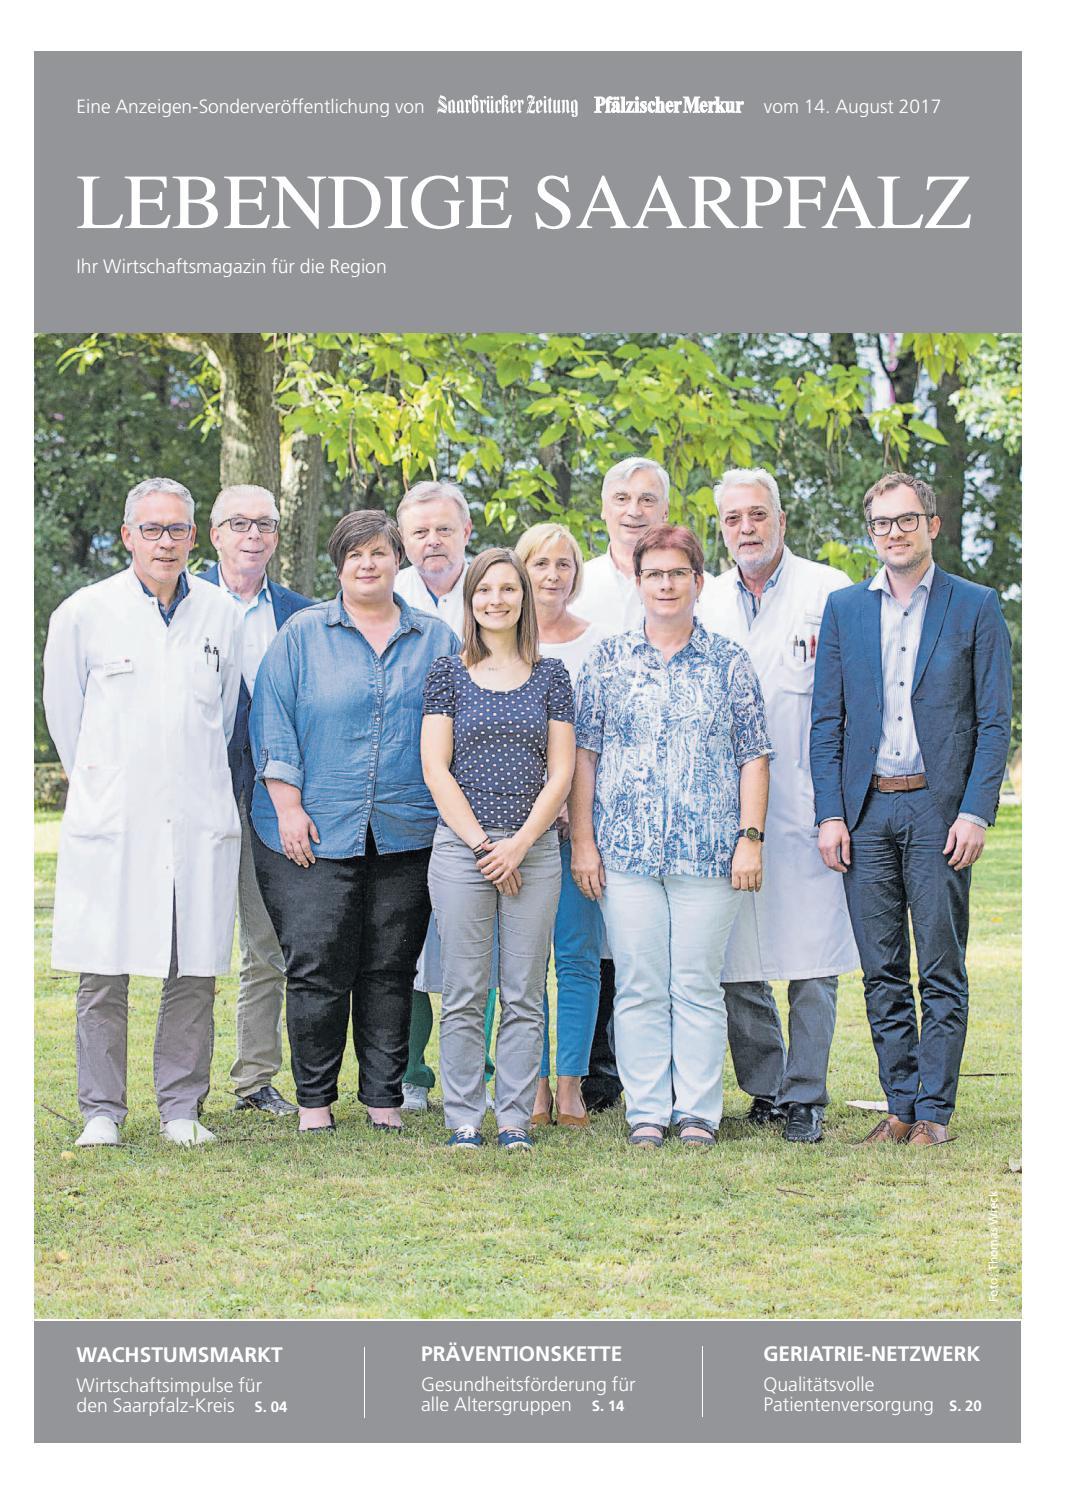 Lebendige Saarpfalz - Ihr Wirtschaftsmagazin für die Region by Saarbrücker  VerlagsService GmbH - issuu